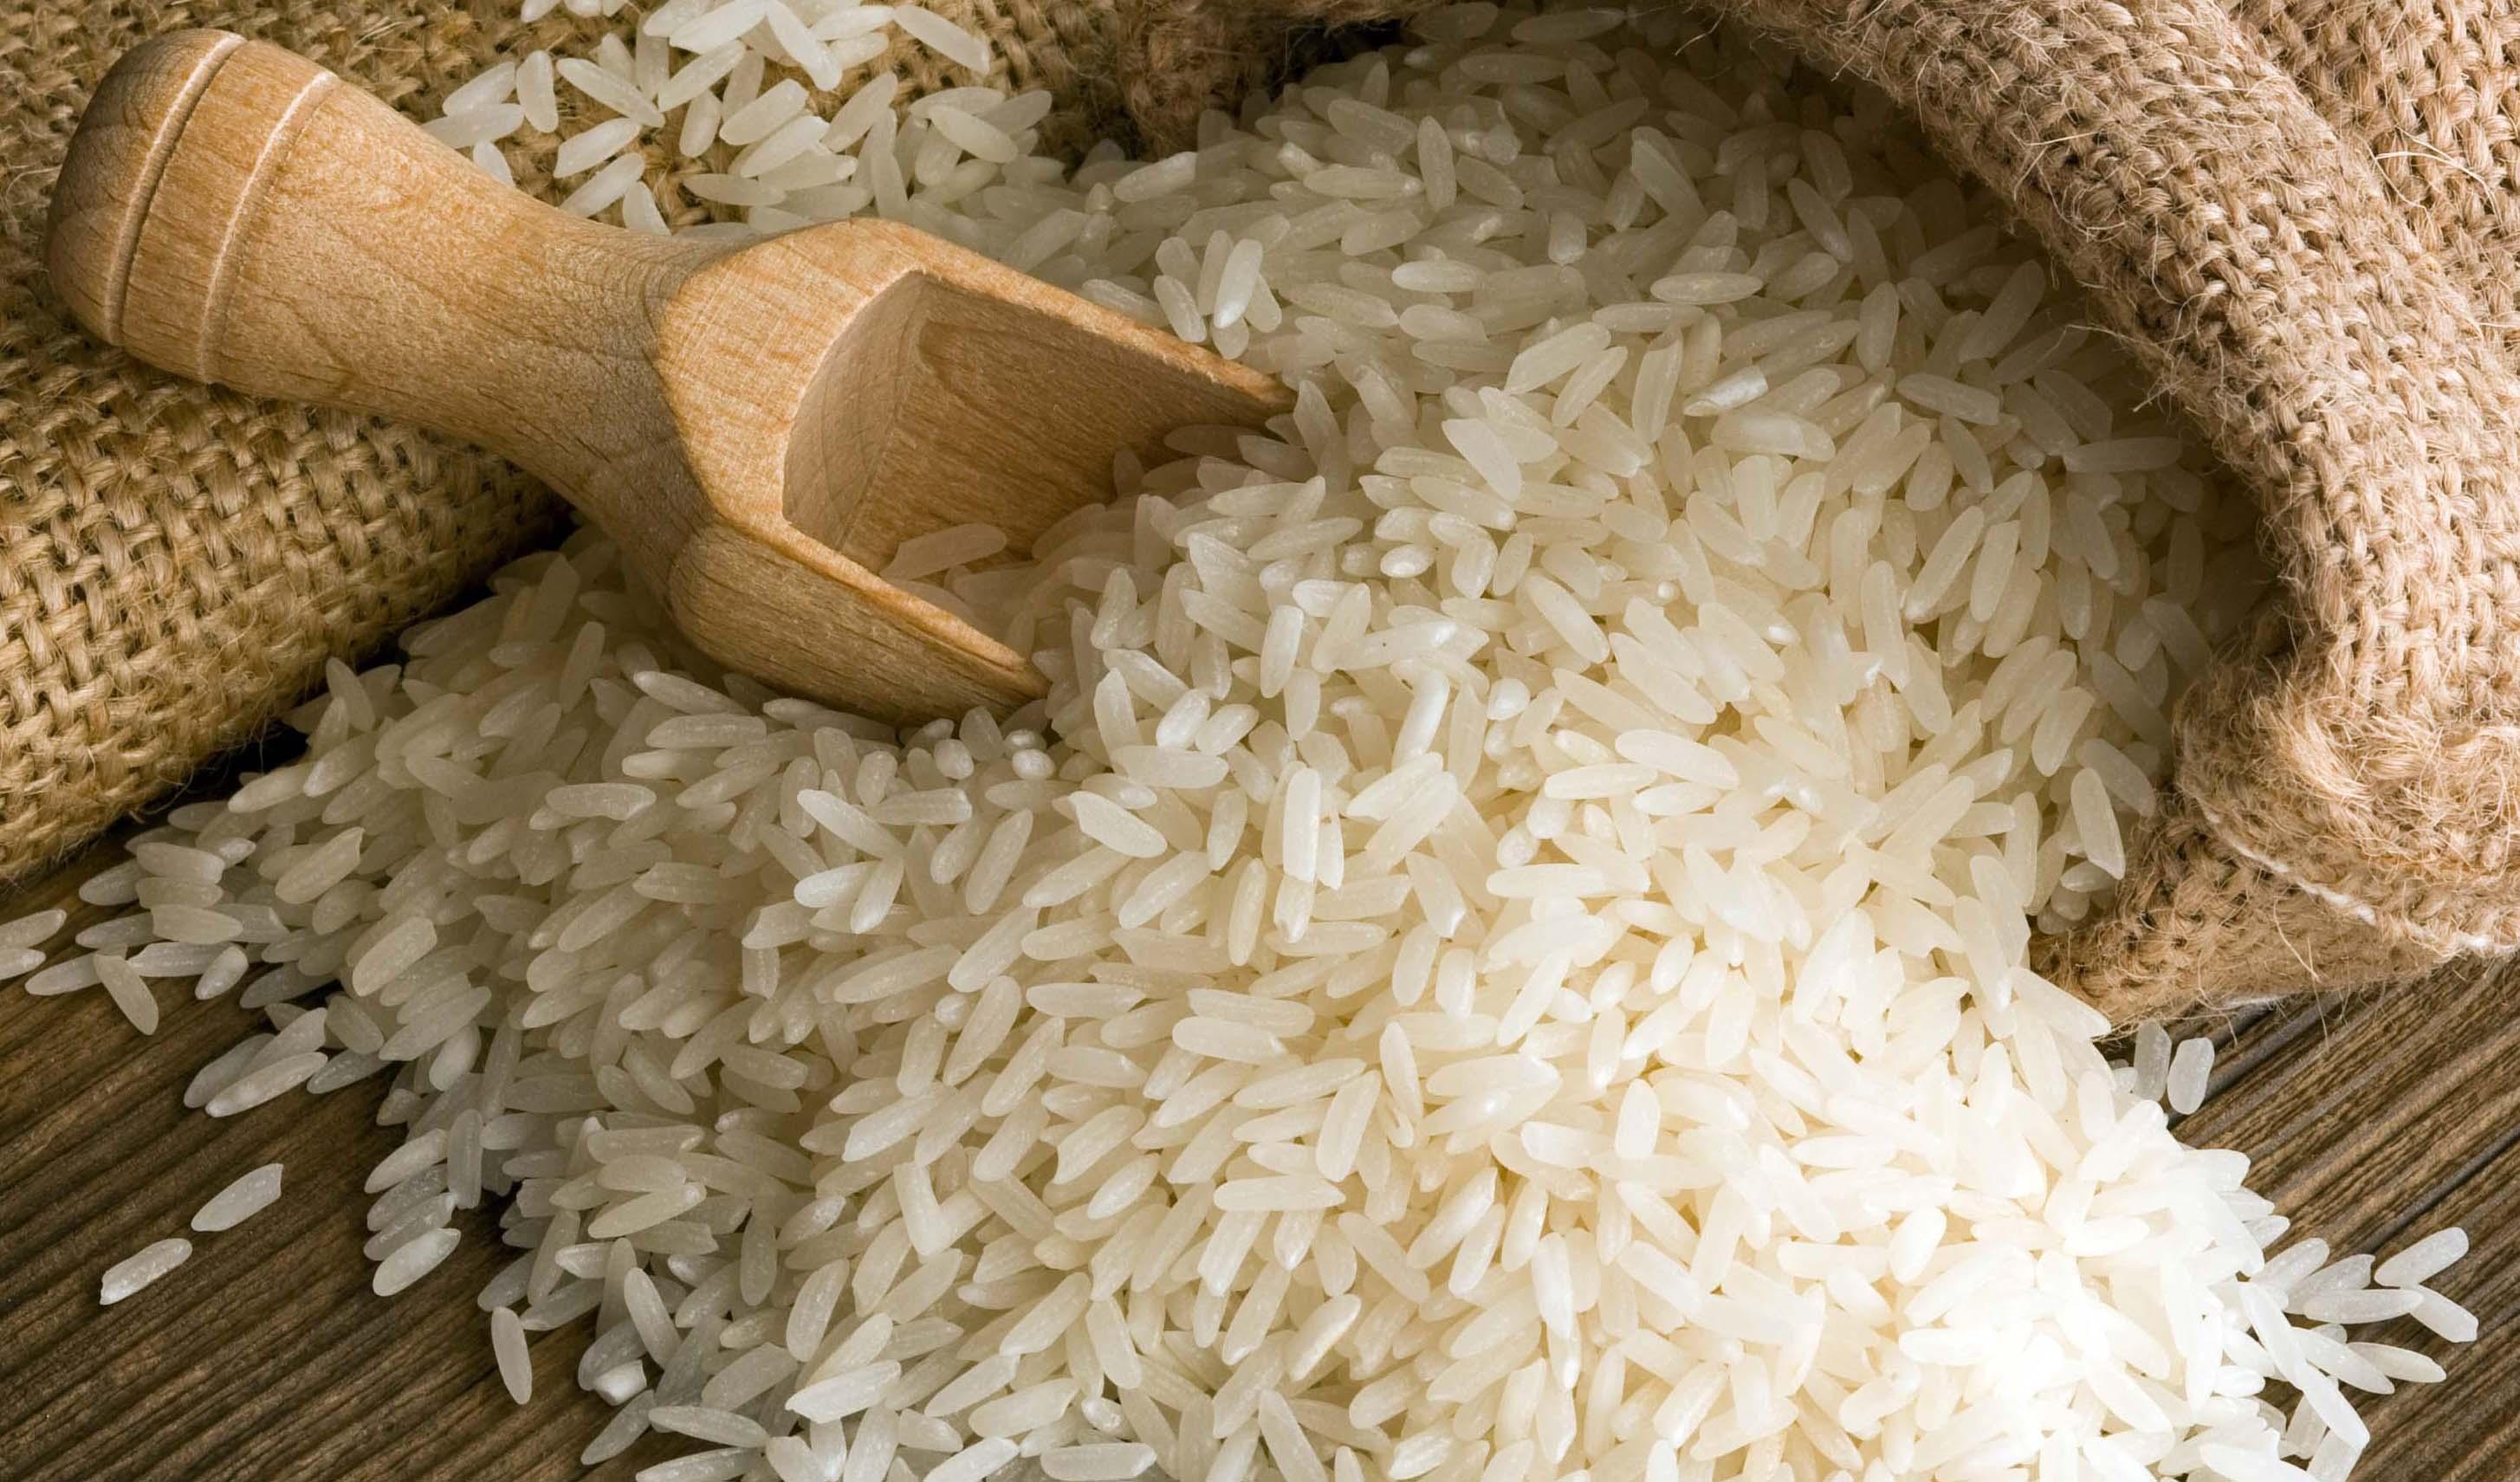 درخواست برای تخصیص ارز نیمایی و تغییر گروه کالایی برنج وارداتی